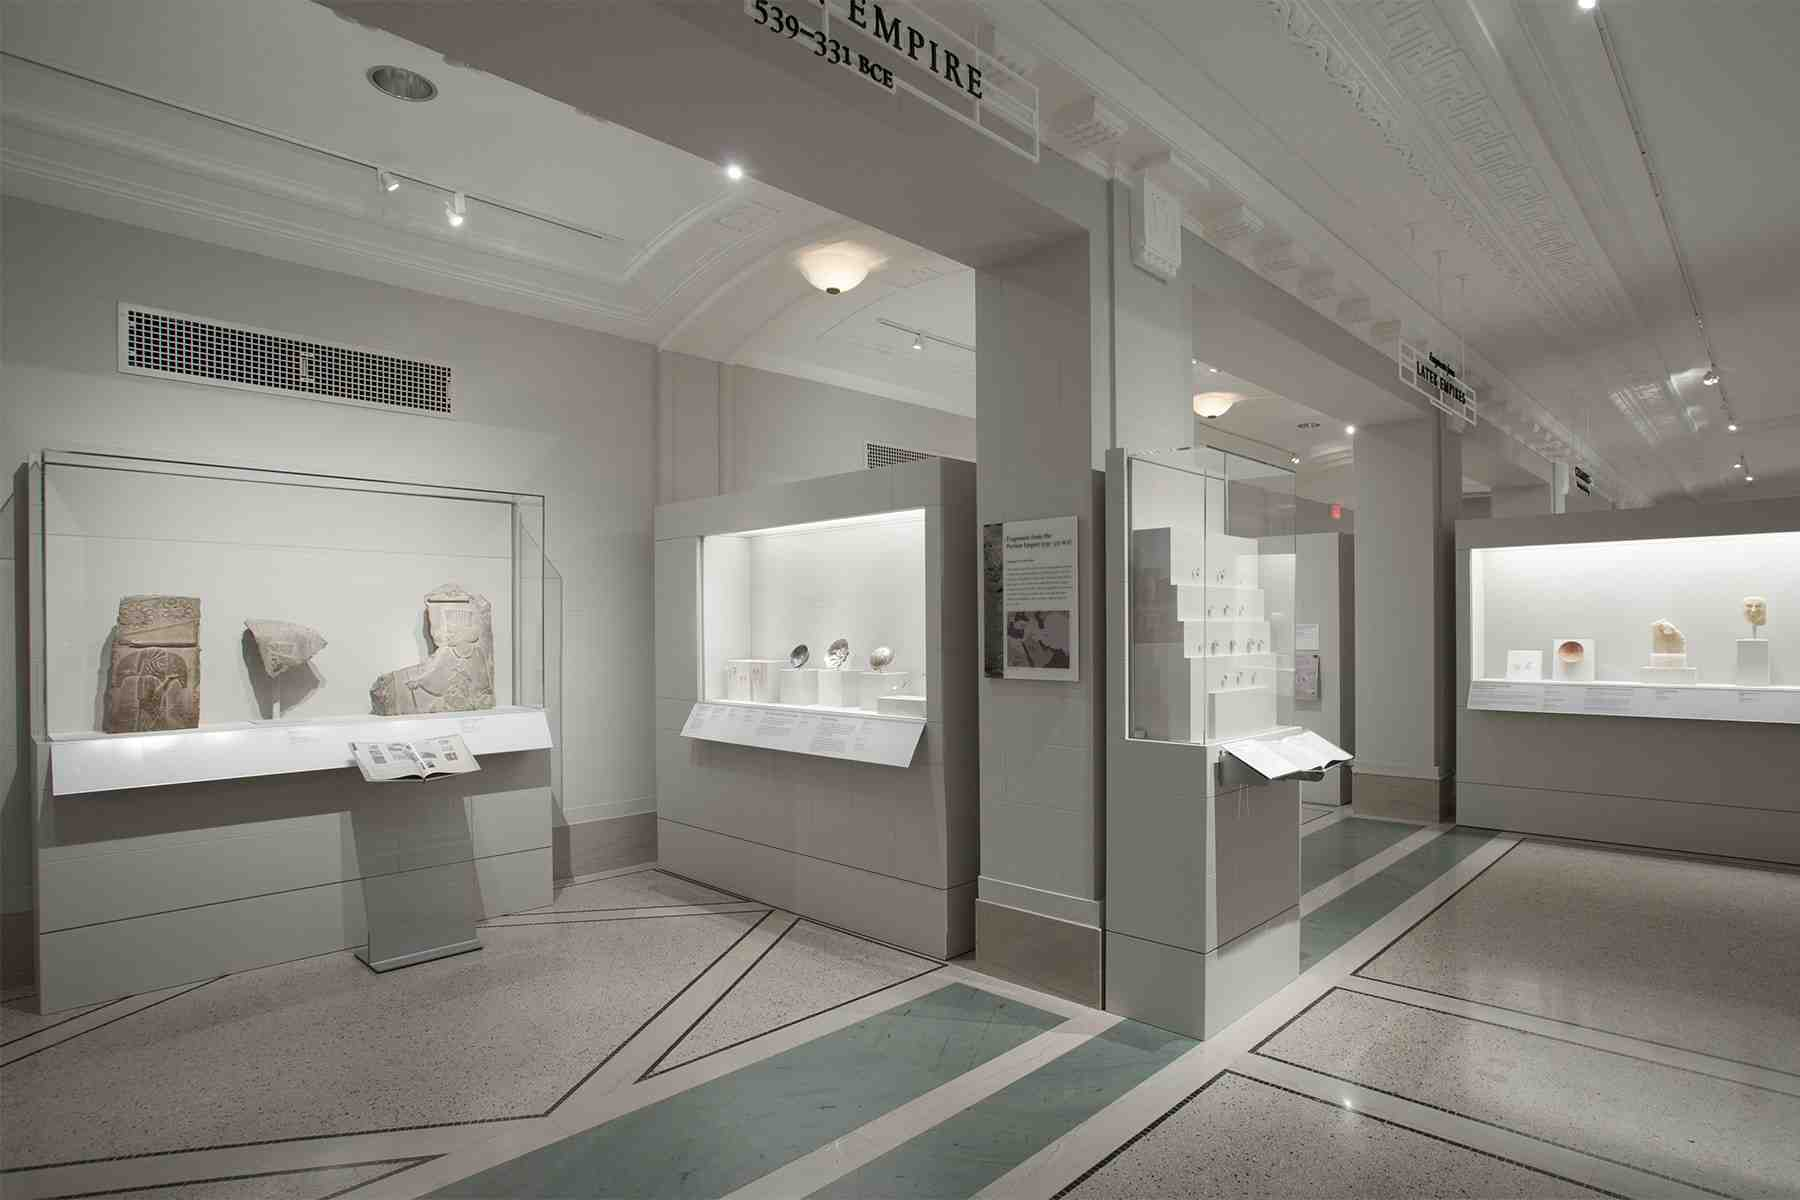 Detroit institute of arts 2